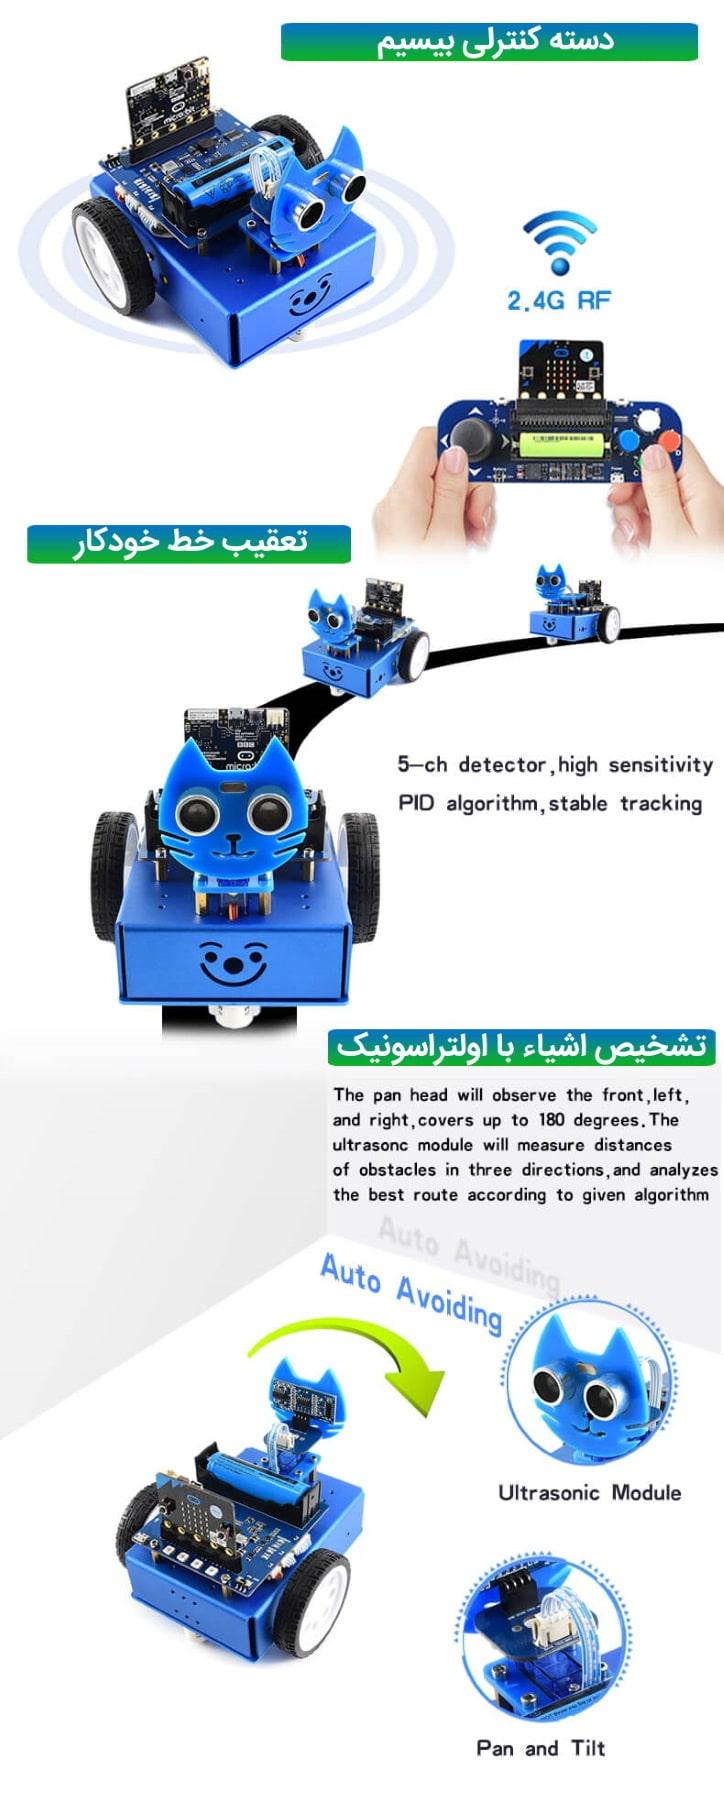 ربات تعقیب خط خودکار، تشخیص اشیا با اولتراسونیک